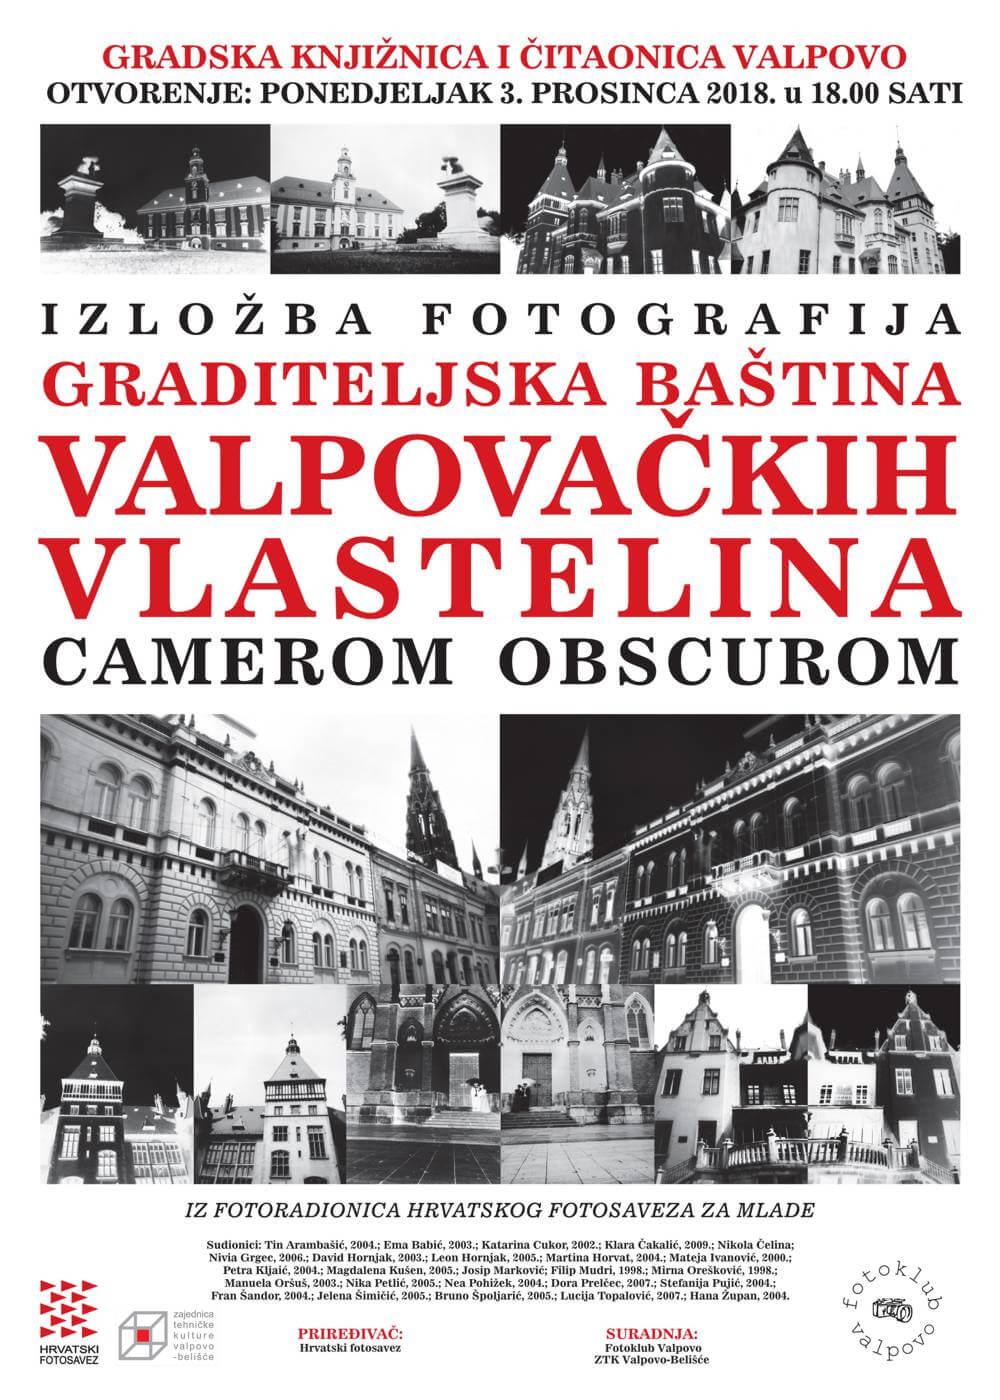 """Izložba fotografija """"Graditeljska baština valpovačkih vlastelina camerom obscurom"""""""